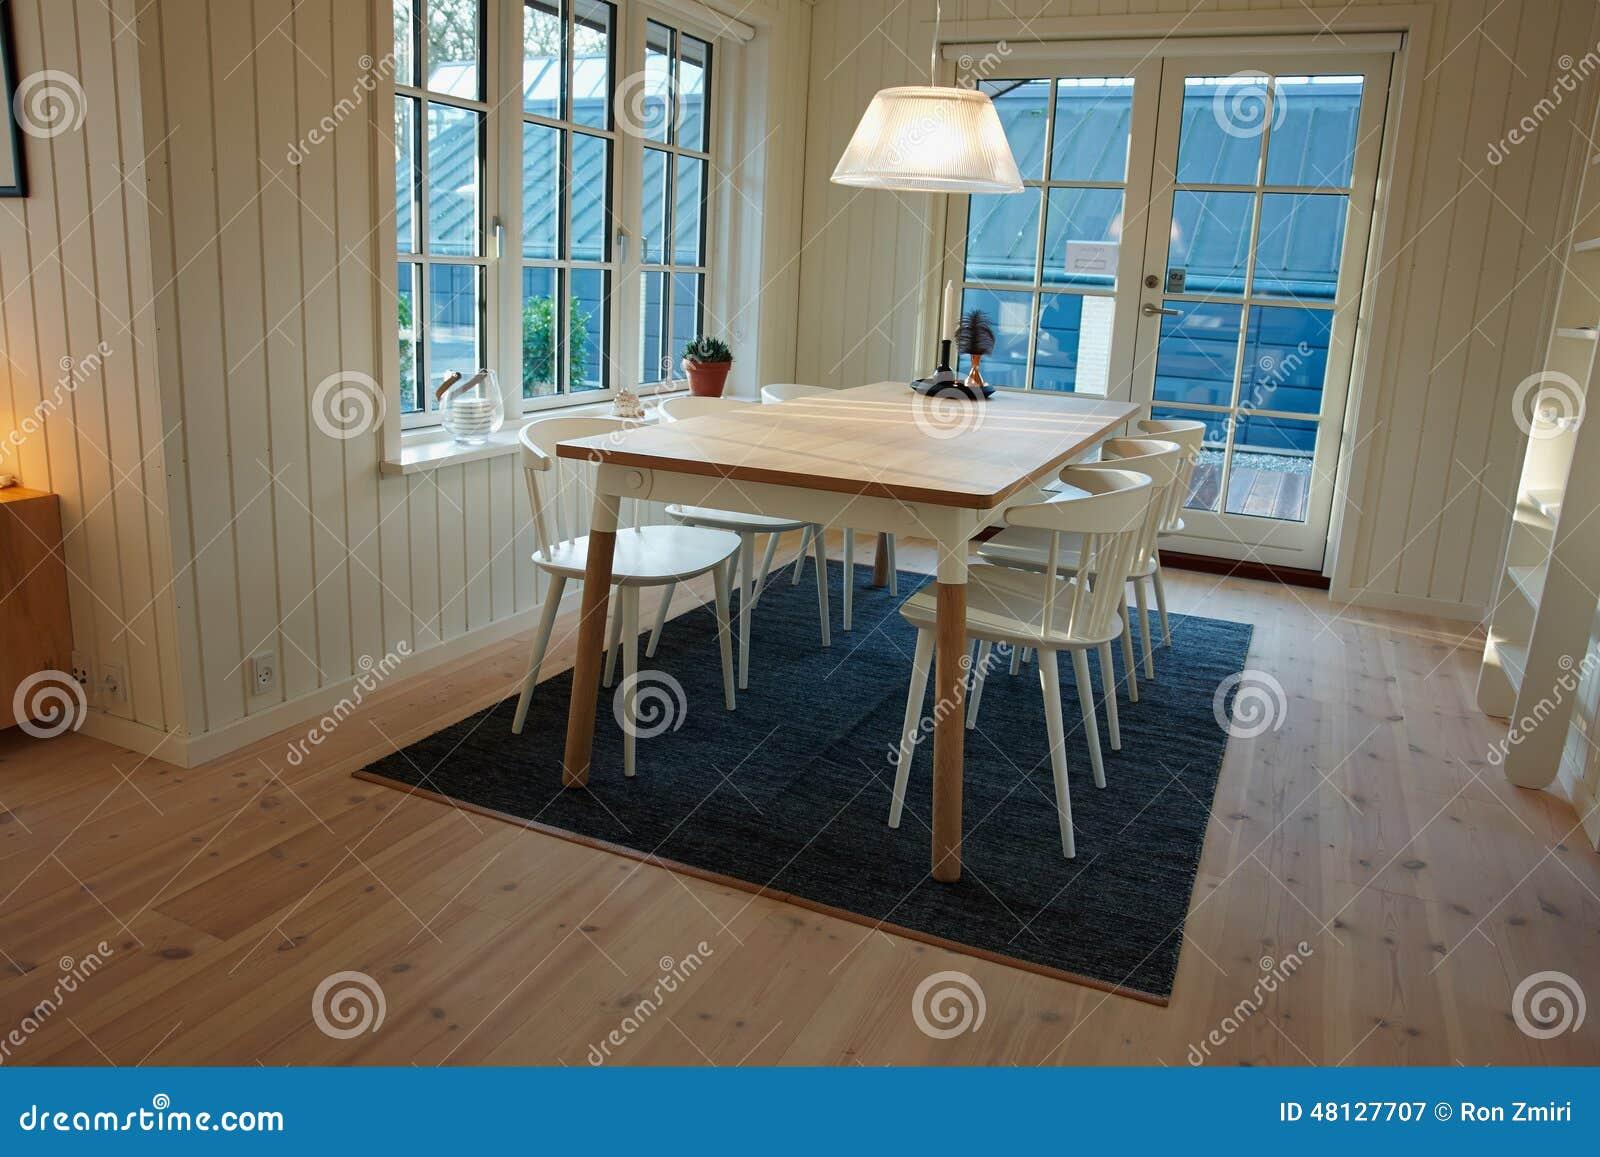 Moderne Dänische Skandinavische Innenarchitektur Des Esszimmers ...